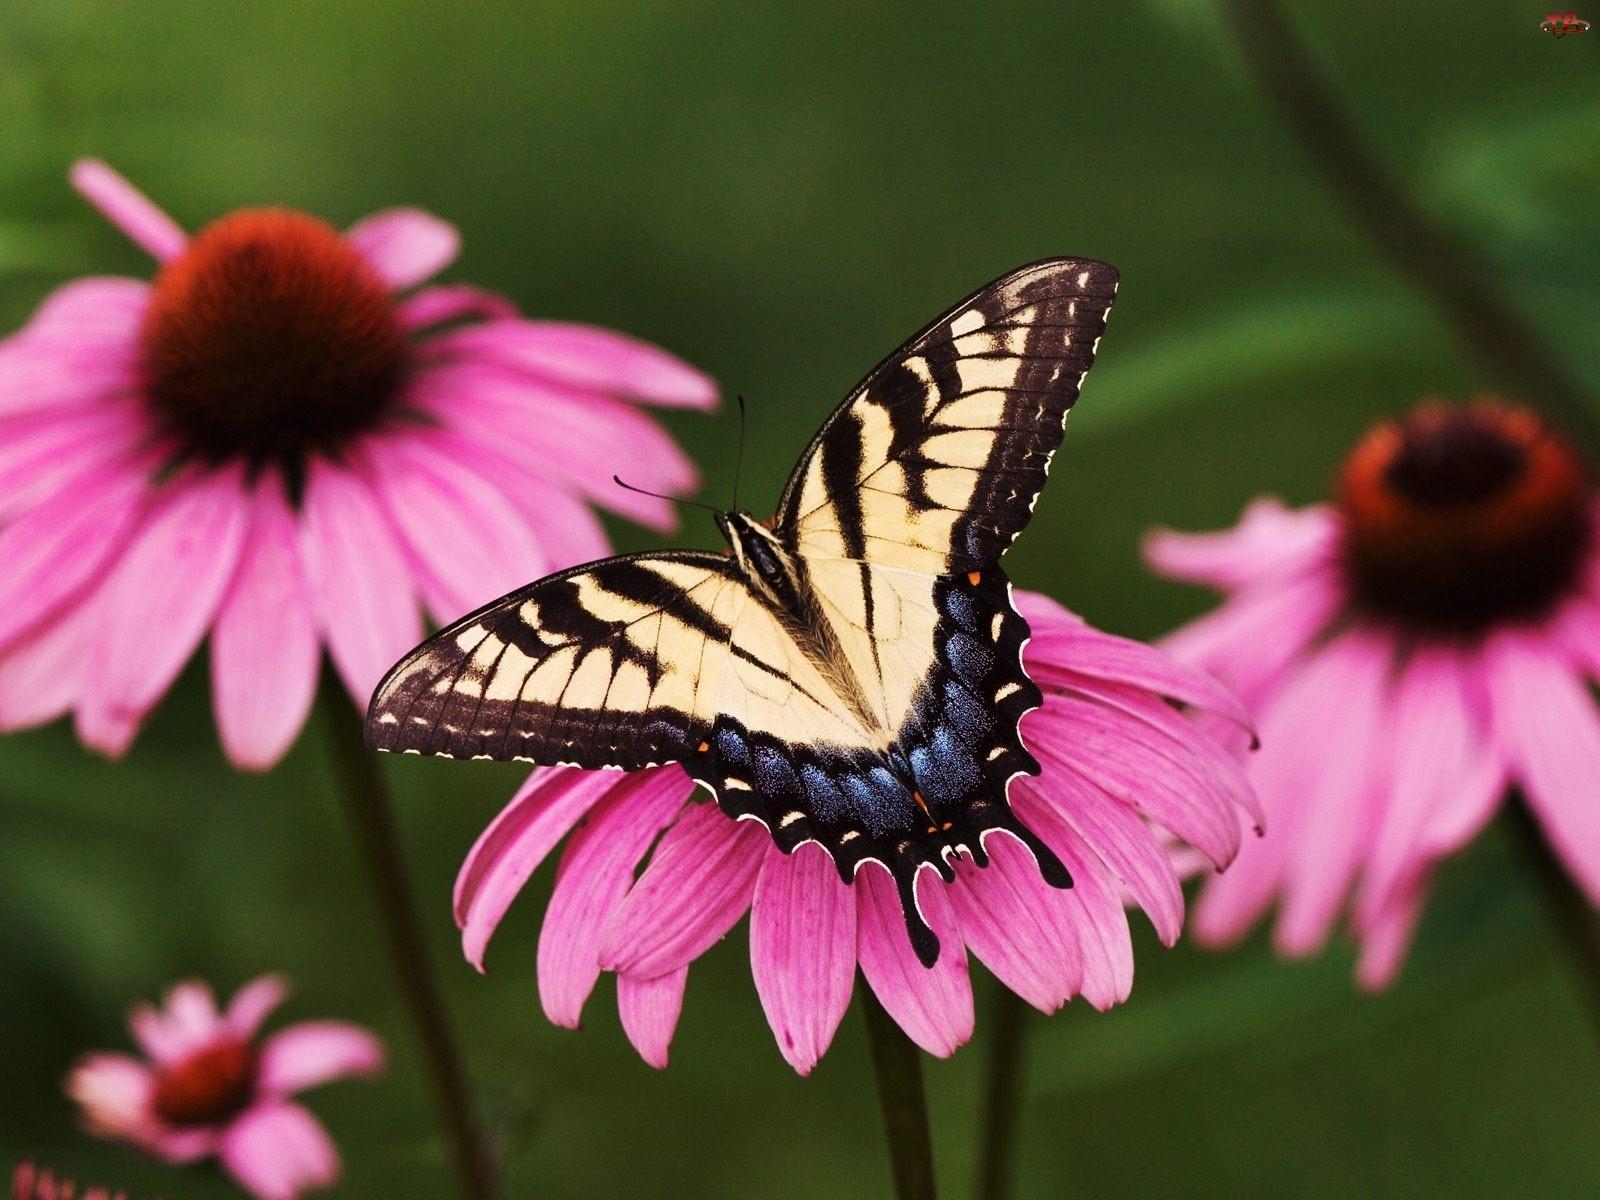 jeżówka, Motyl, kwiat